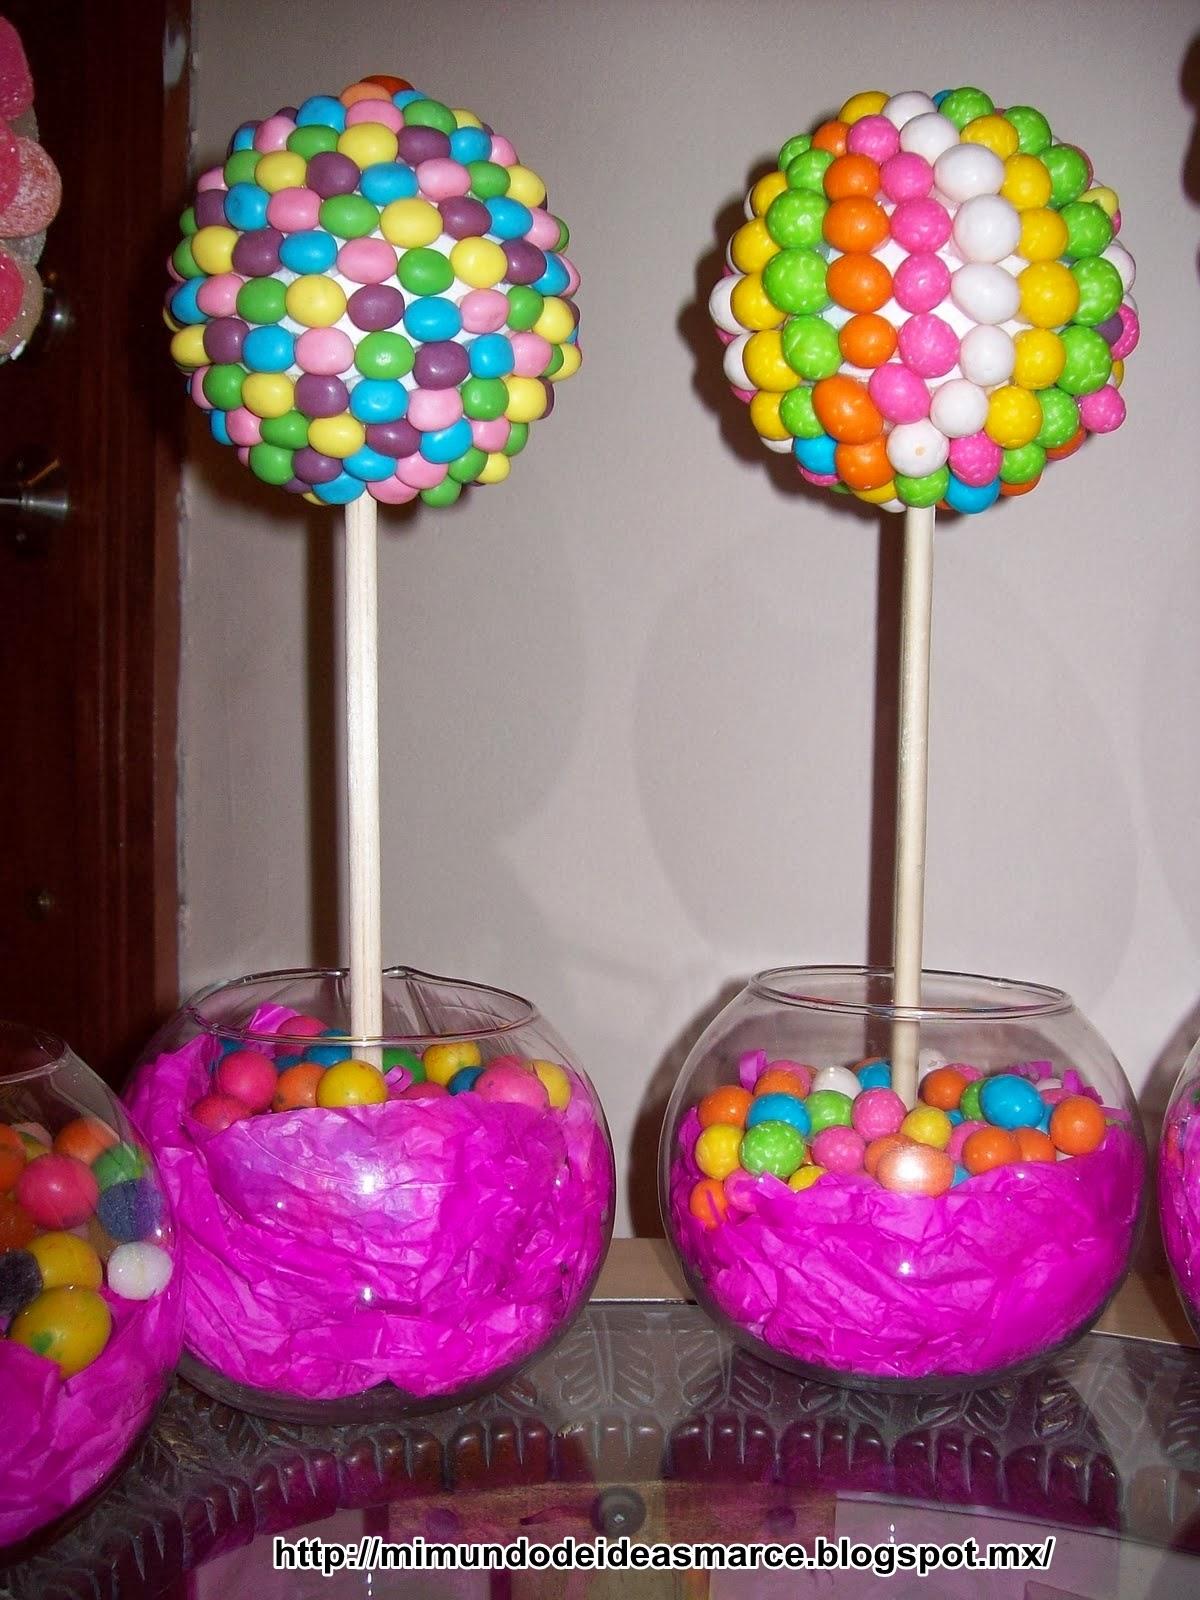 Centros de mesa infantiles ideas para fiestas holidays oo - Fiestas infantiles ideas ...